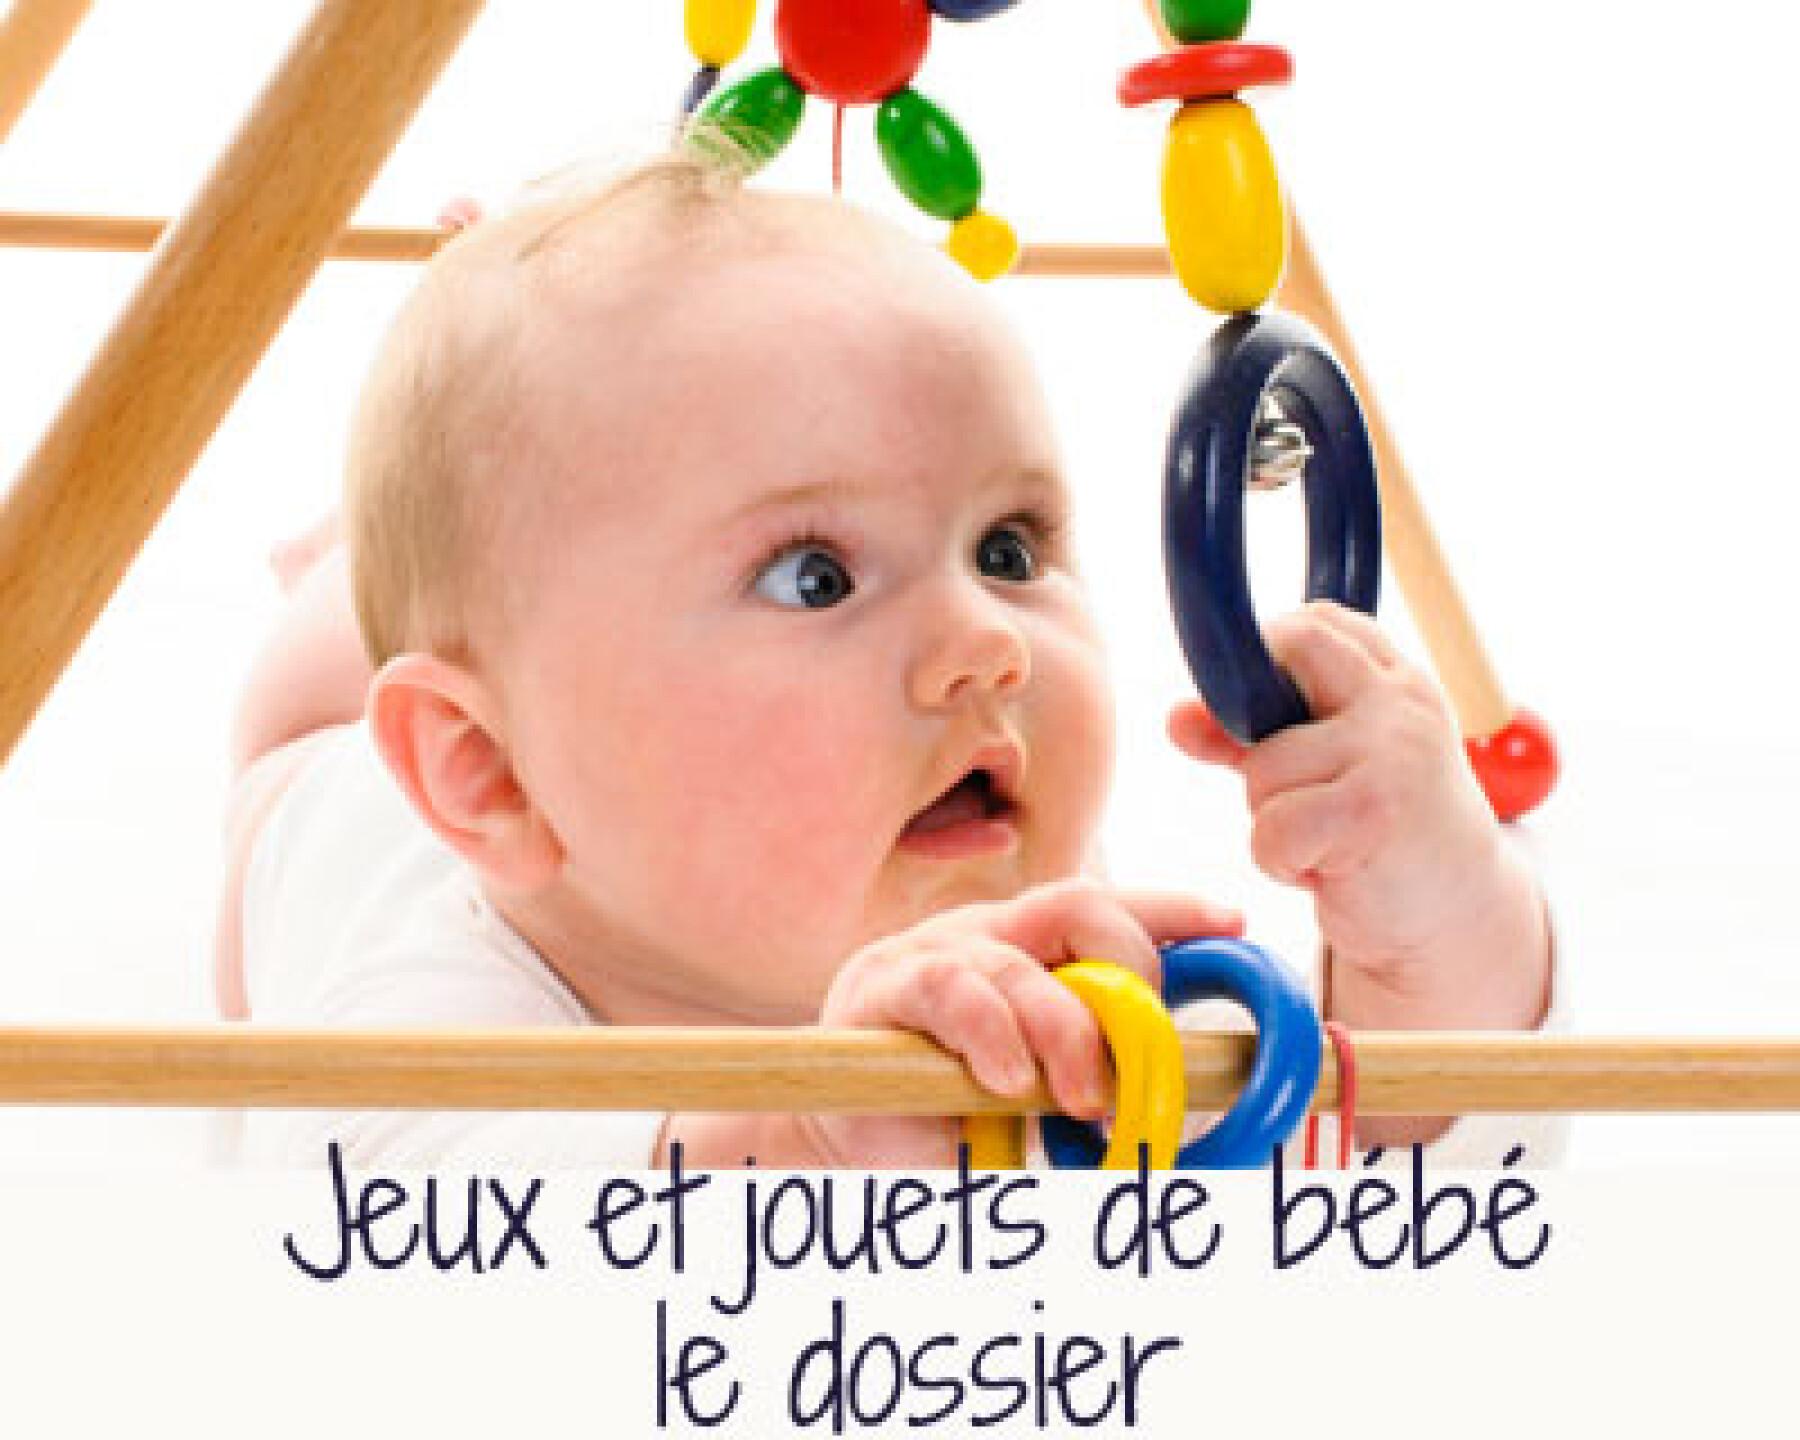 jeux et jouets bébé dossier